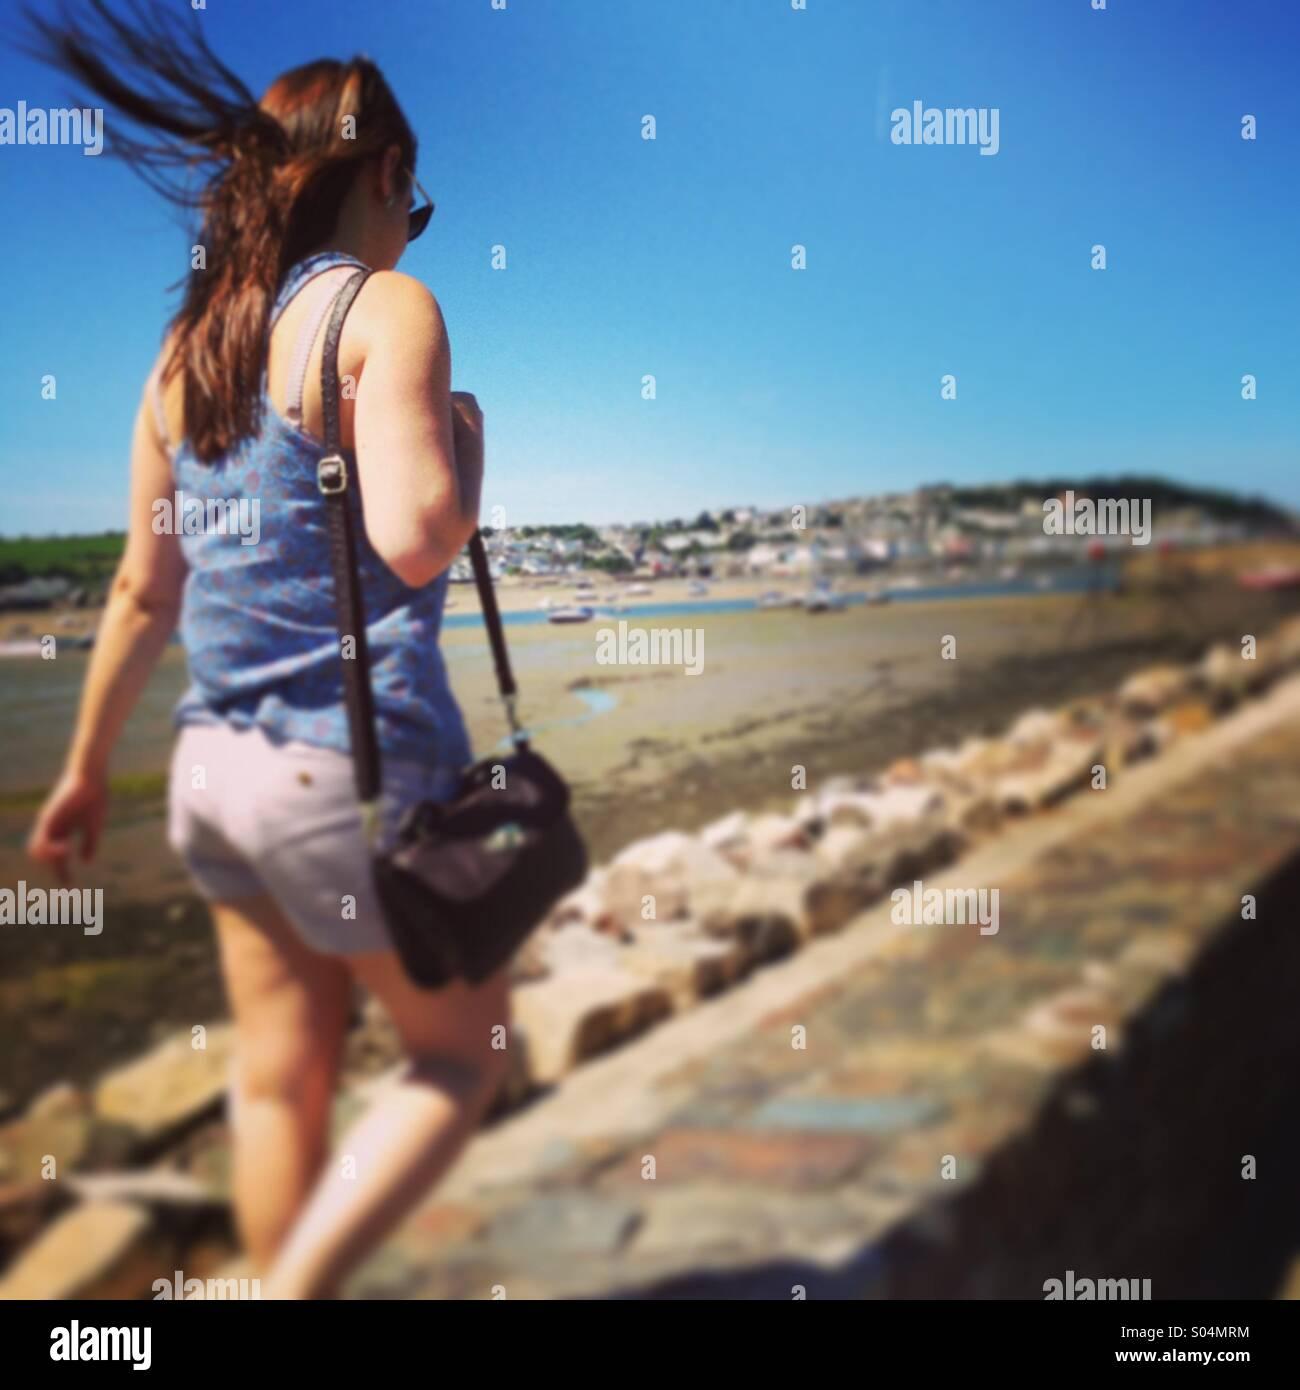 Windy passeggiata sulla spiaggia Immagini Stock